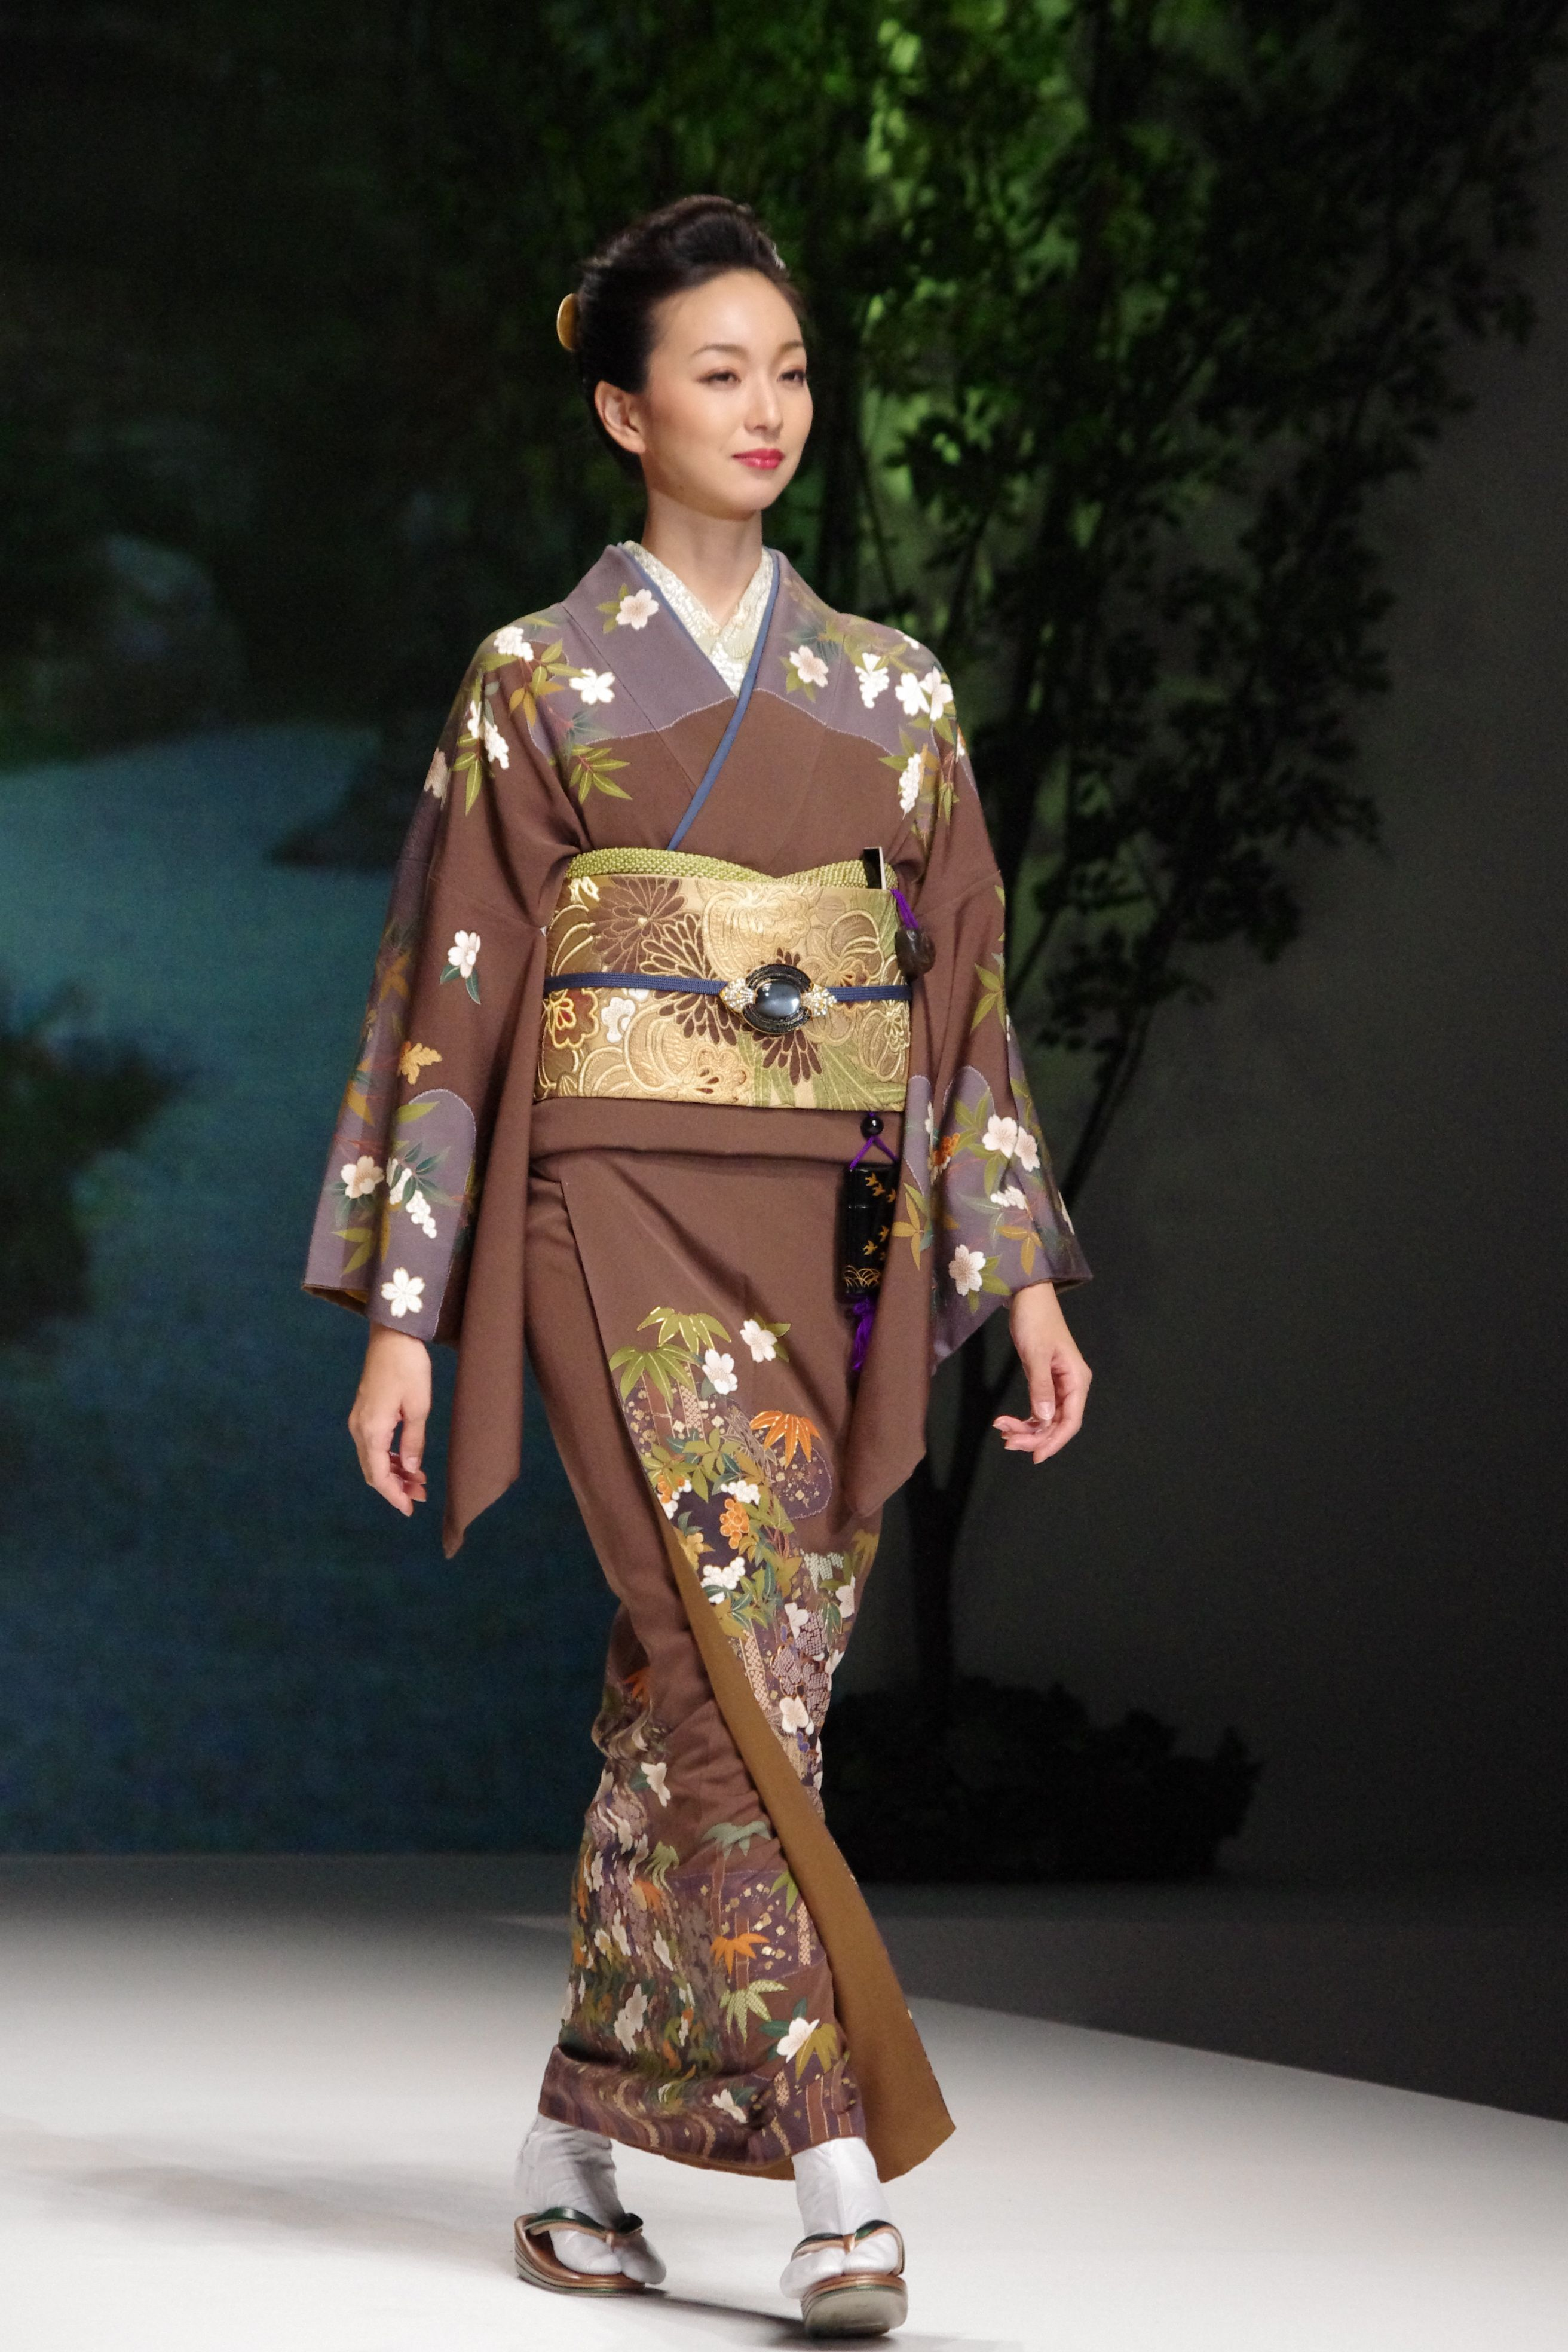 Jukiko Hanai collection | Kimono fashion, Japanese dress ...